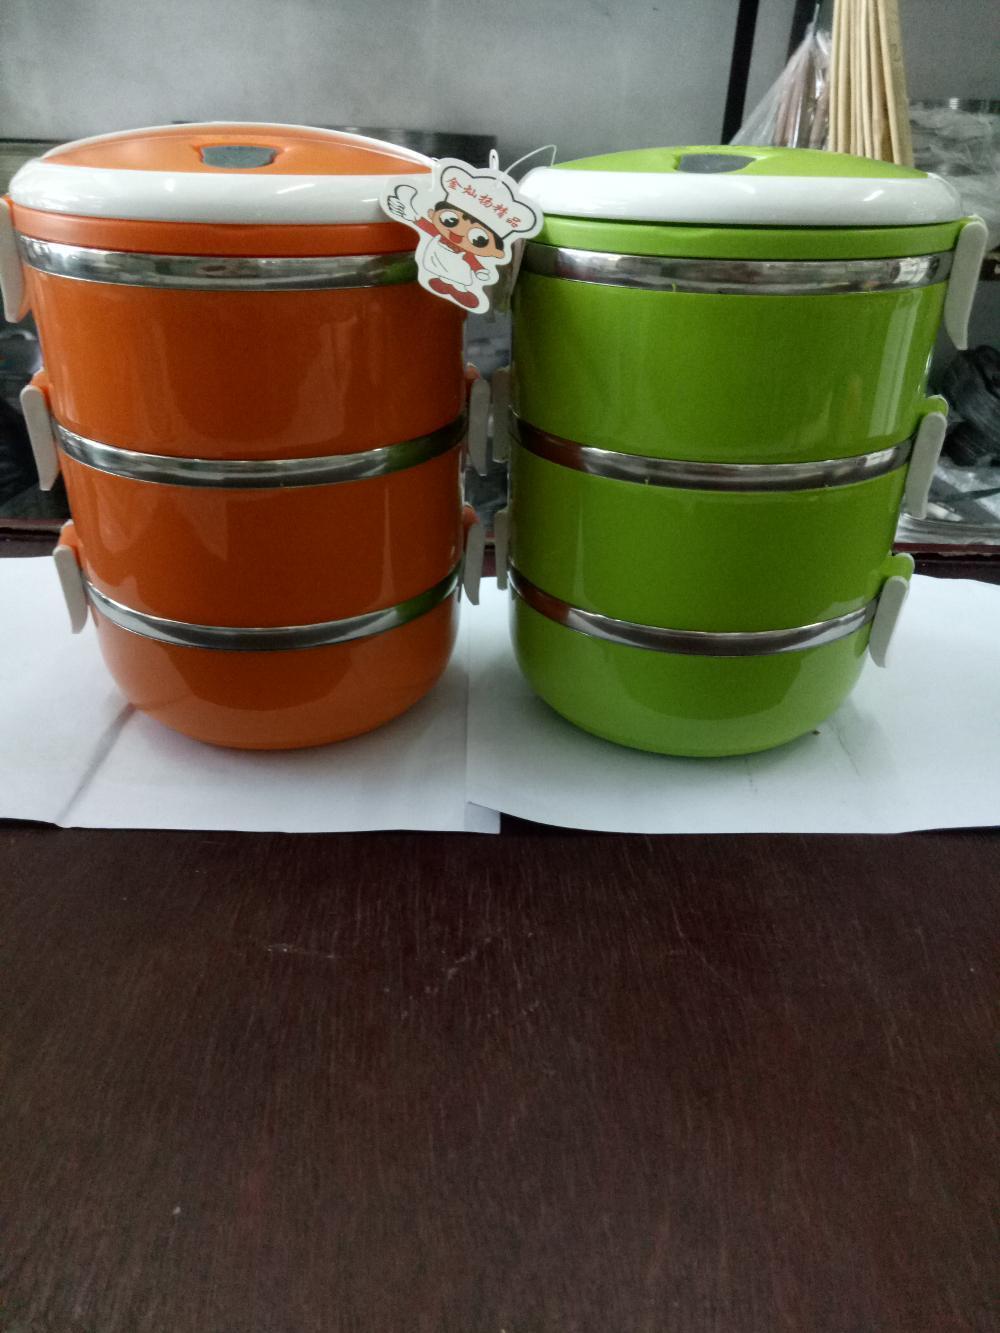 Rantang atau lunch box susun tiga stainlees steel di lapak Erlina erlina507